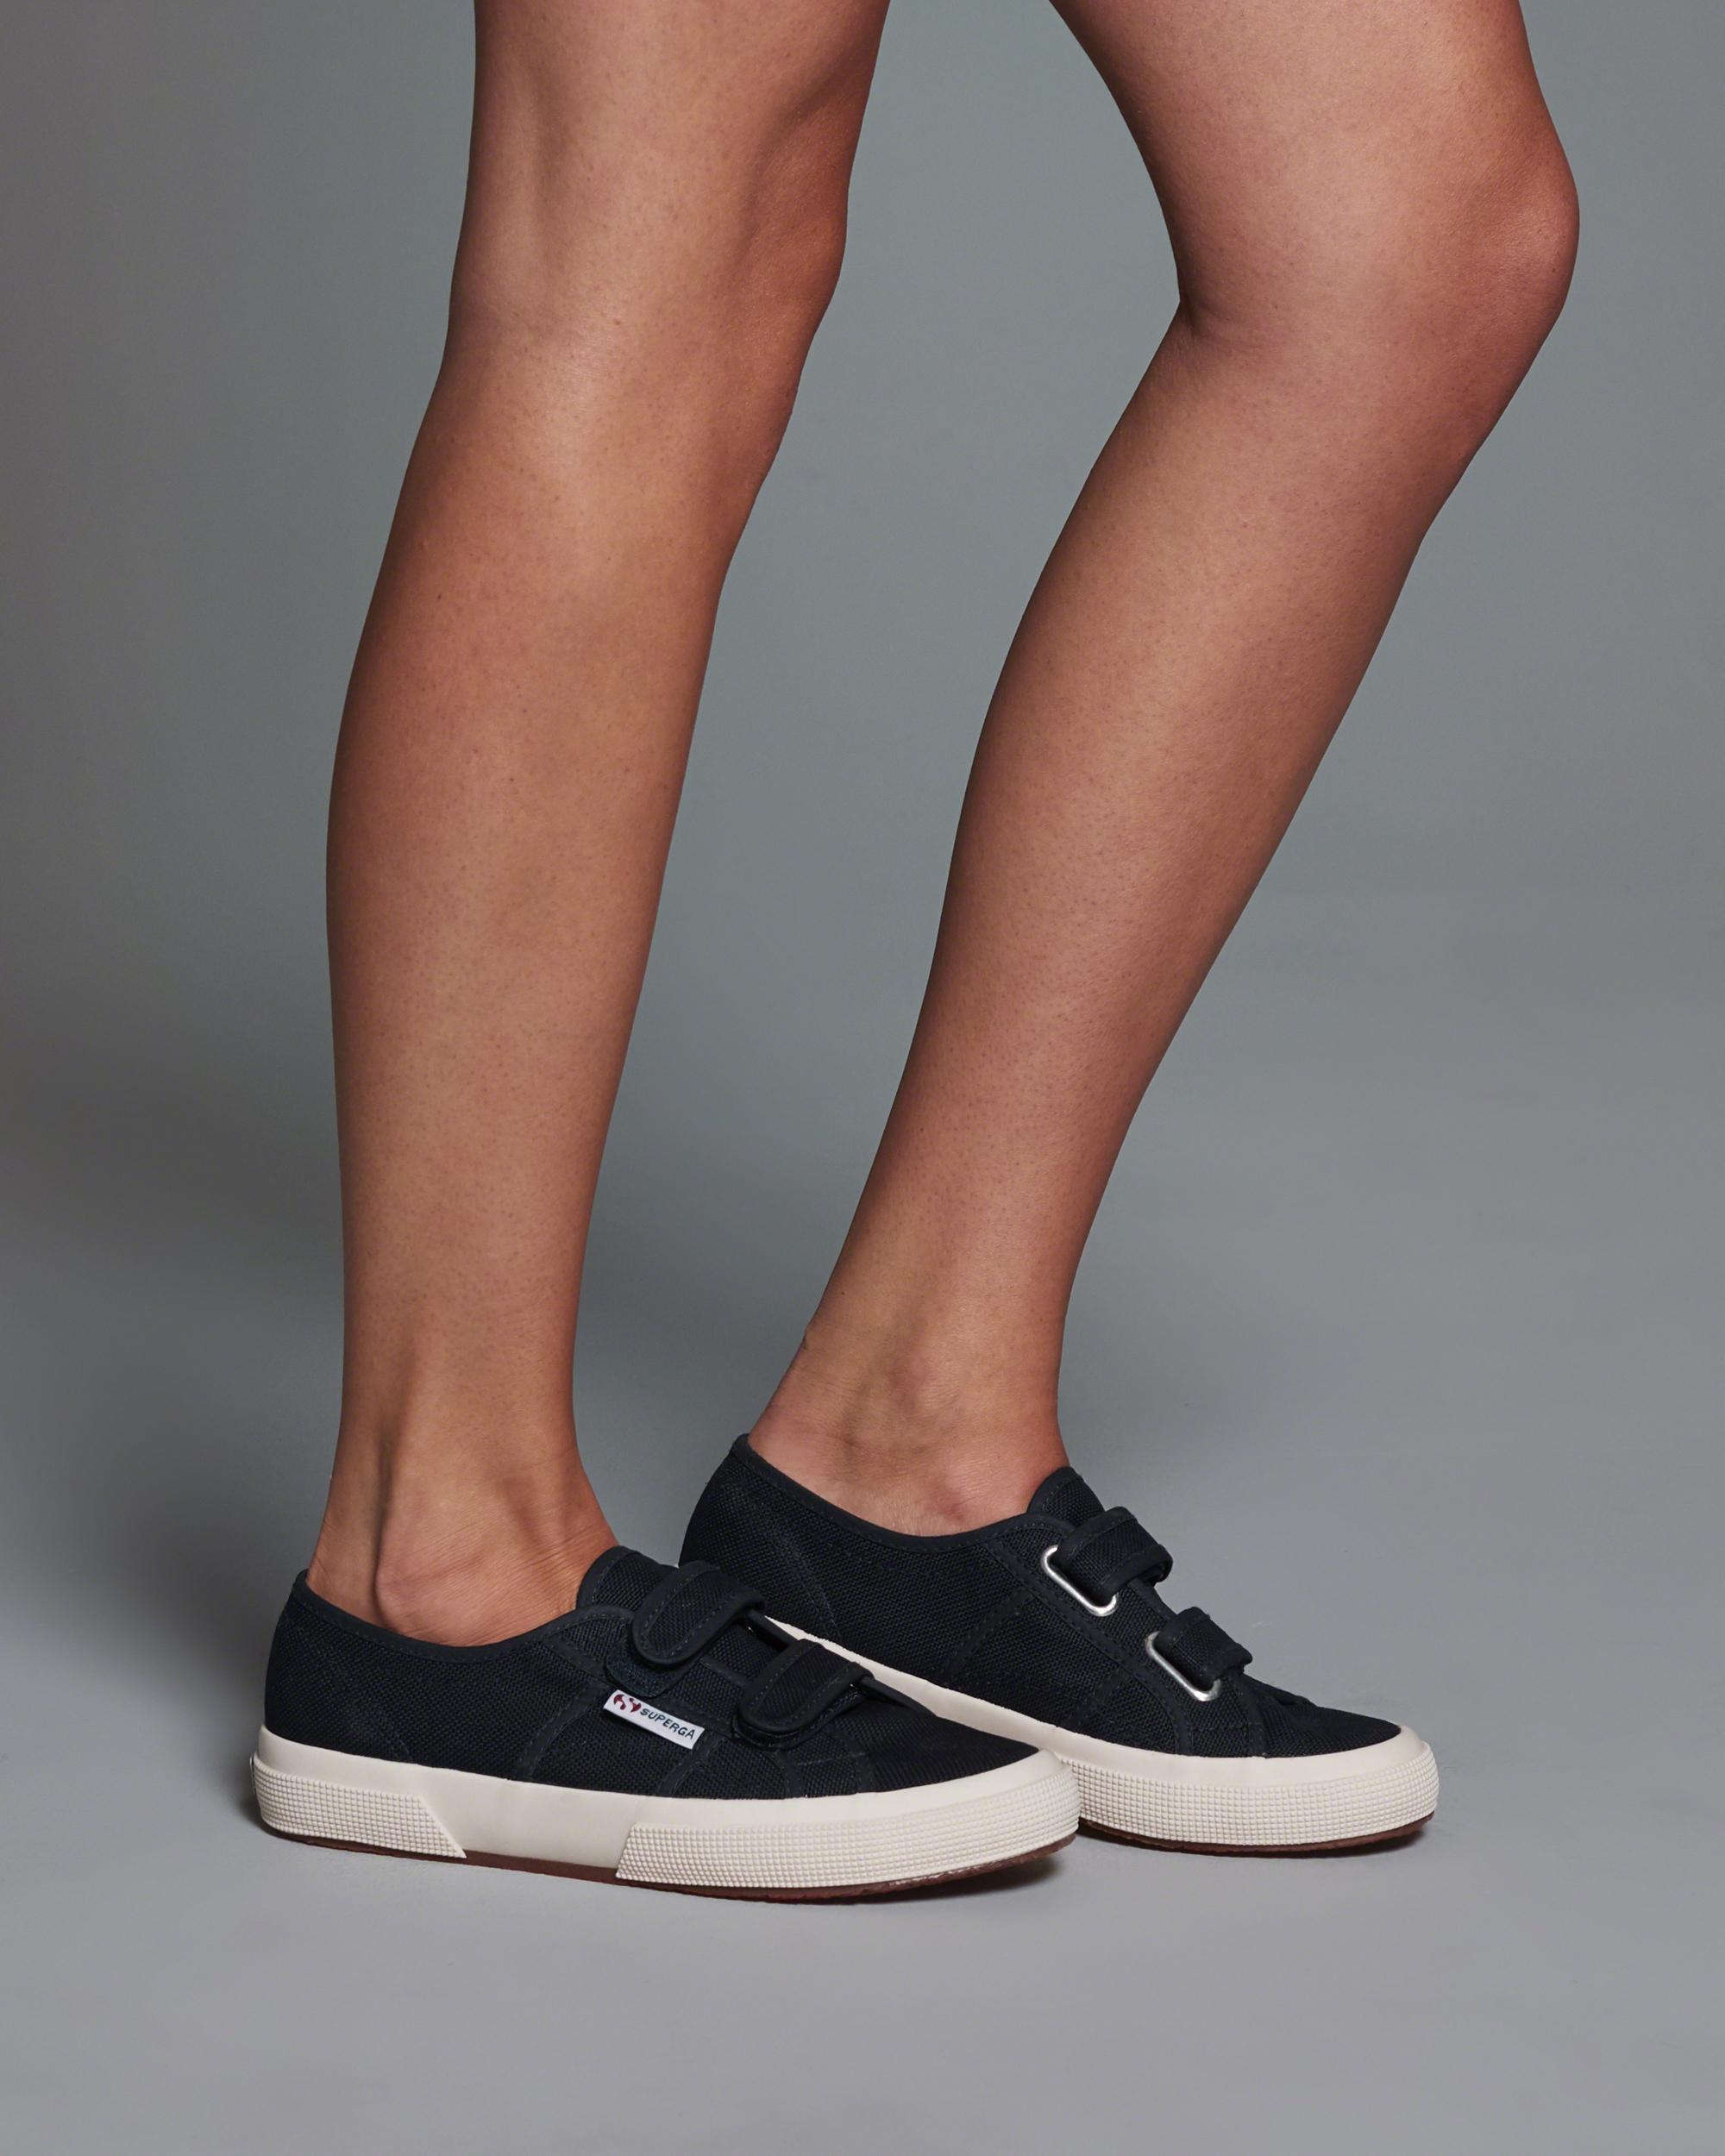 Abercrombie  U0026 Fitch Superga Velu Velcro Sneakers In Blue